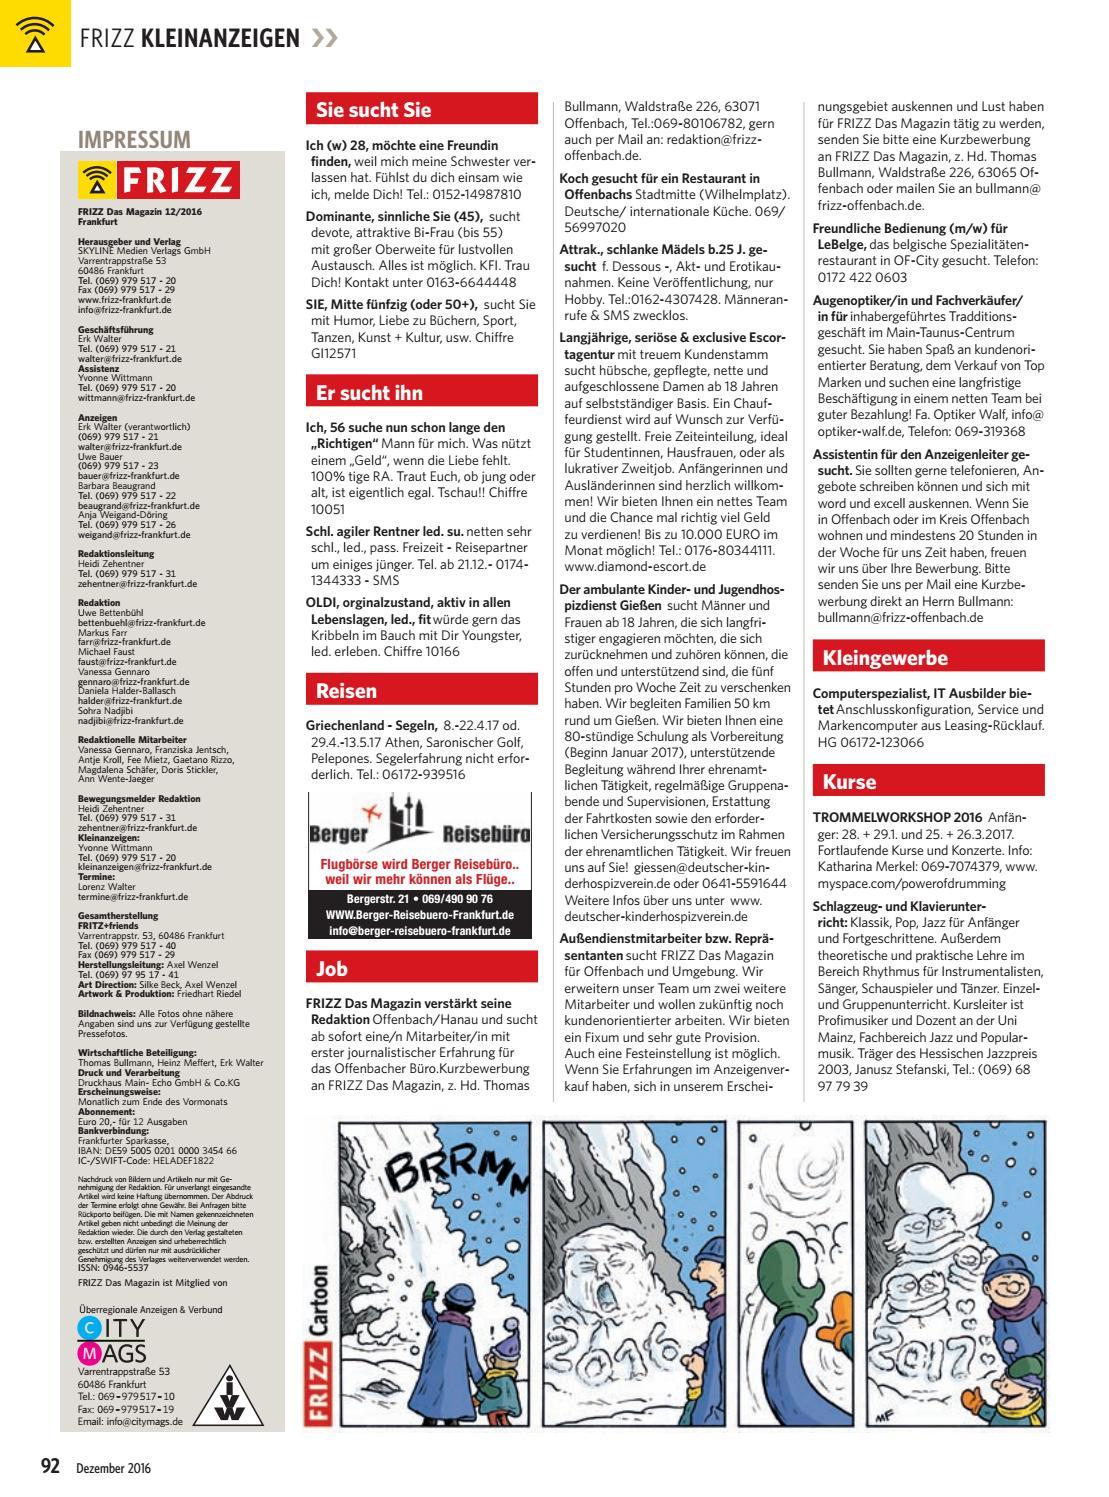 FRIZZ Das Magazin Frankfurt Dezember 2016 by frizz frankfurt